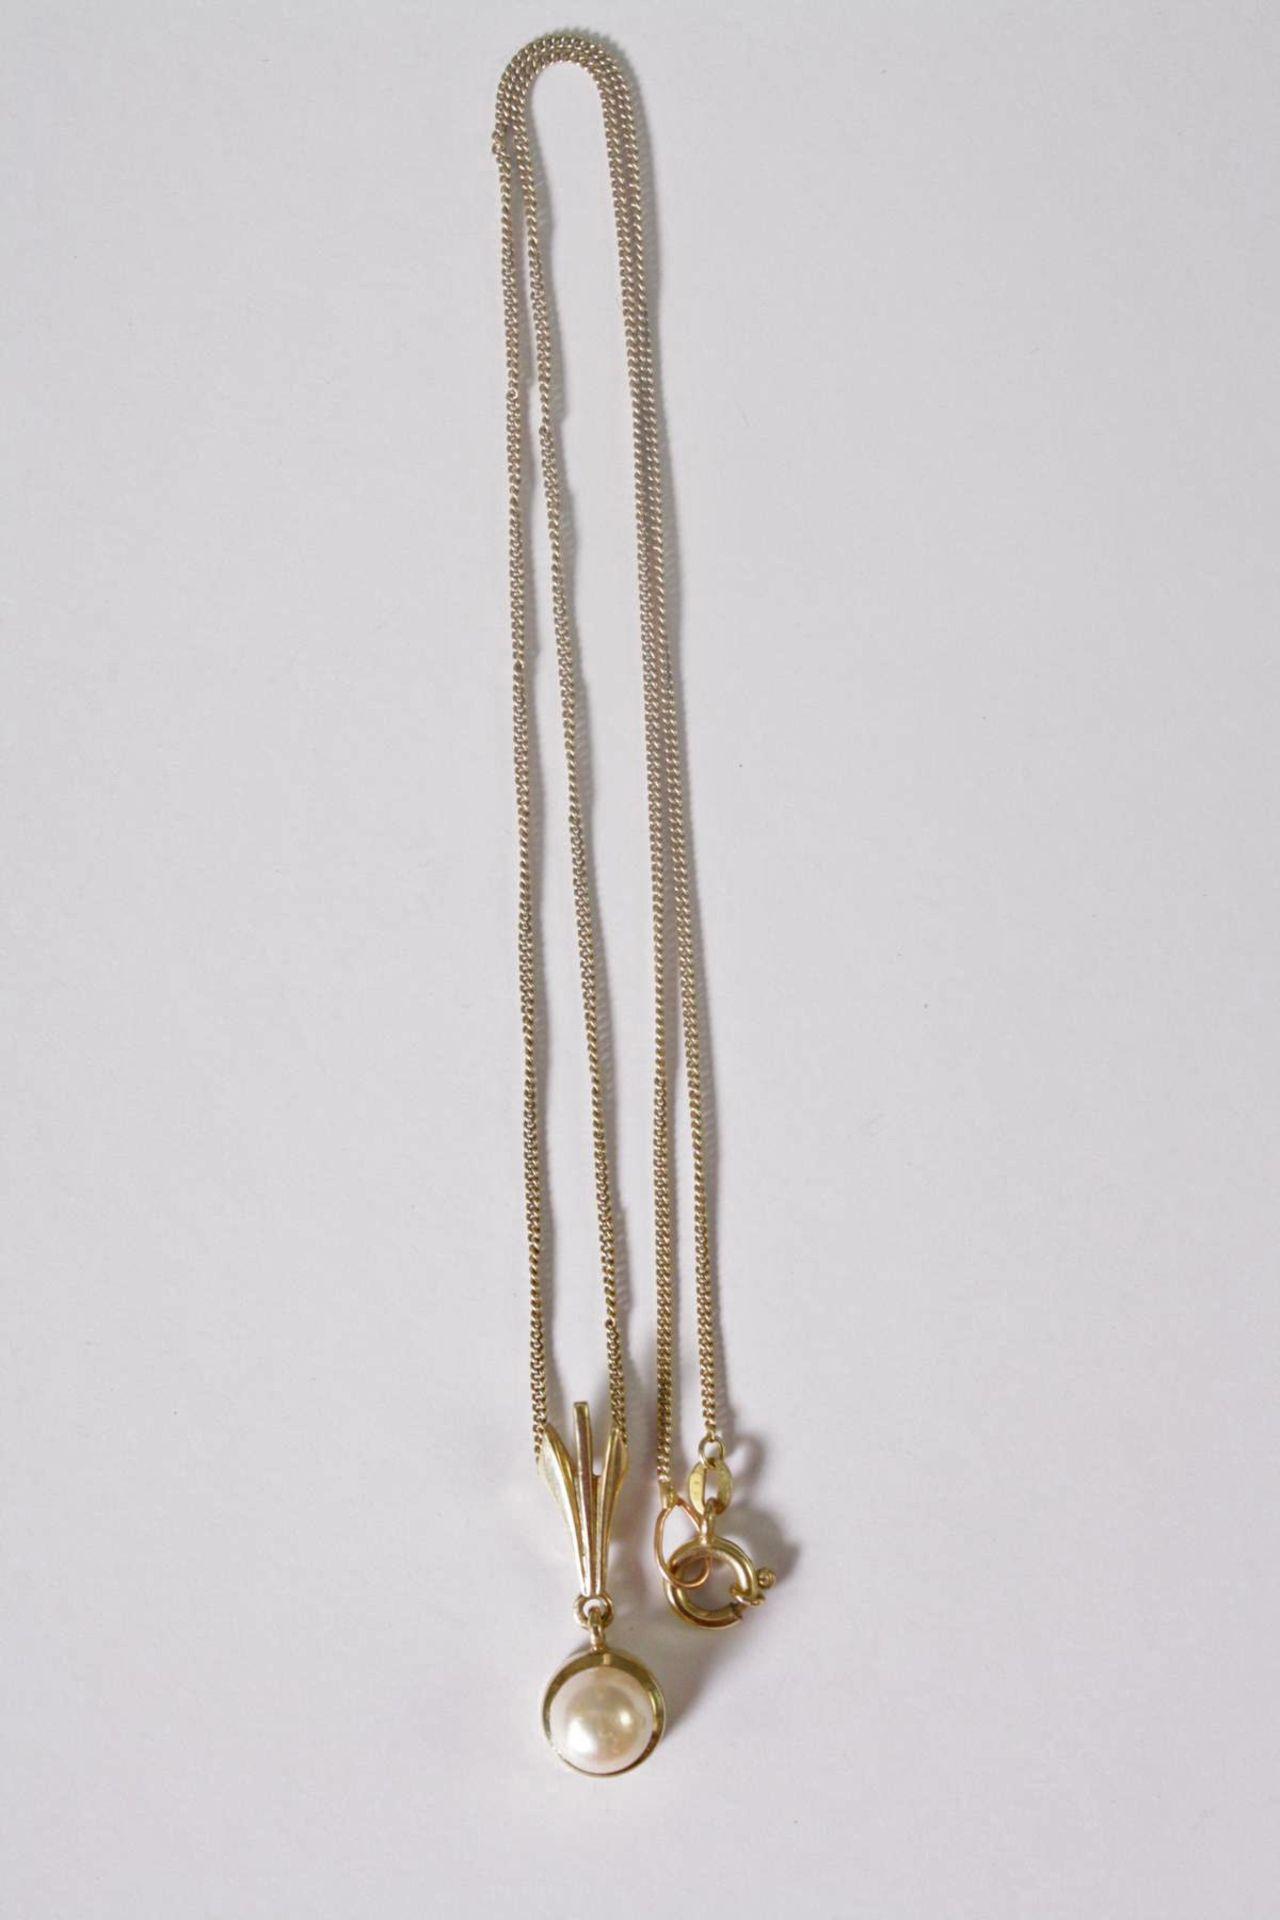 Halskette mit Perlanhänger, 14 Karat Gelbgold - Bild 2 aus 2